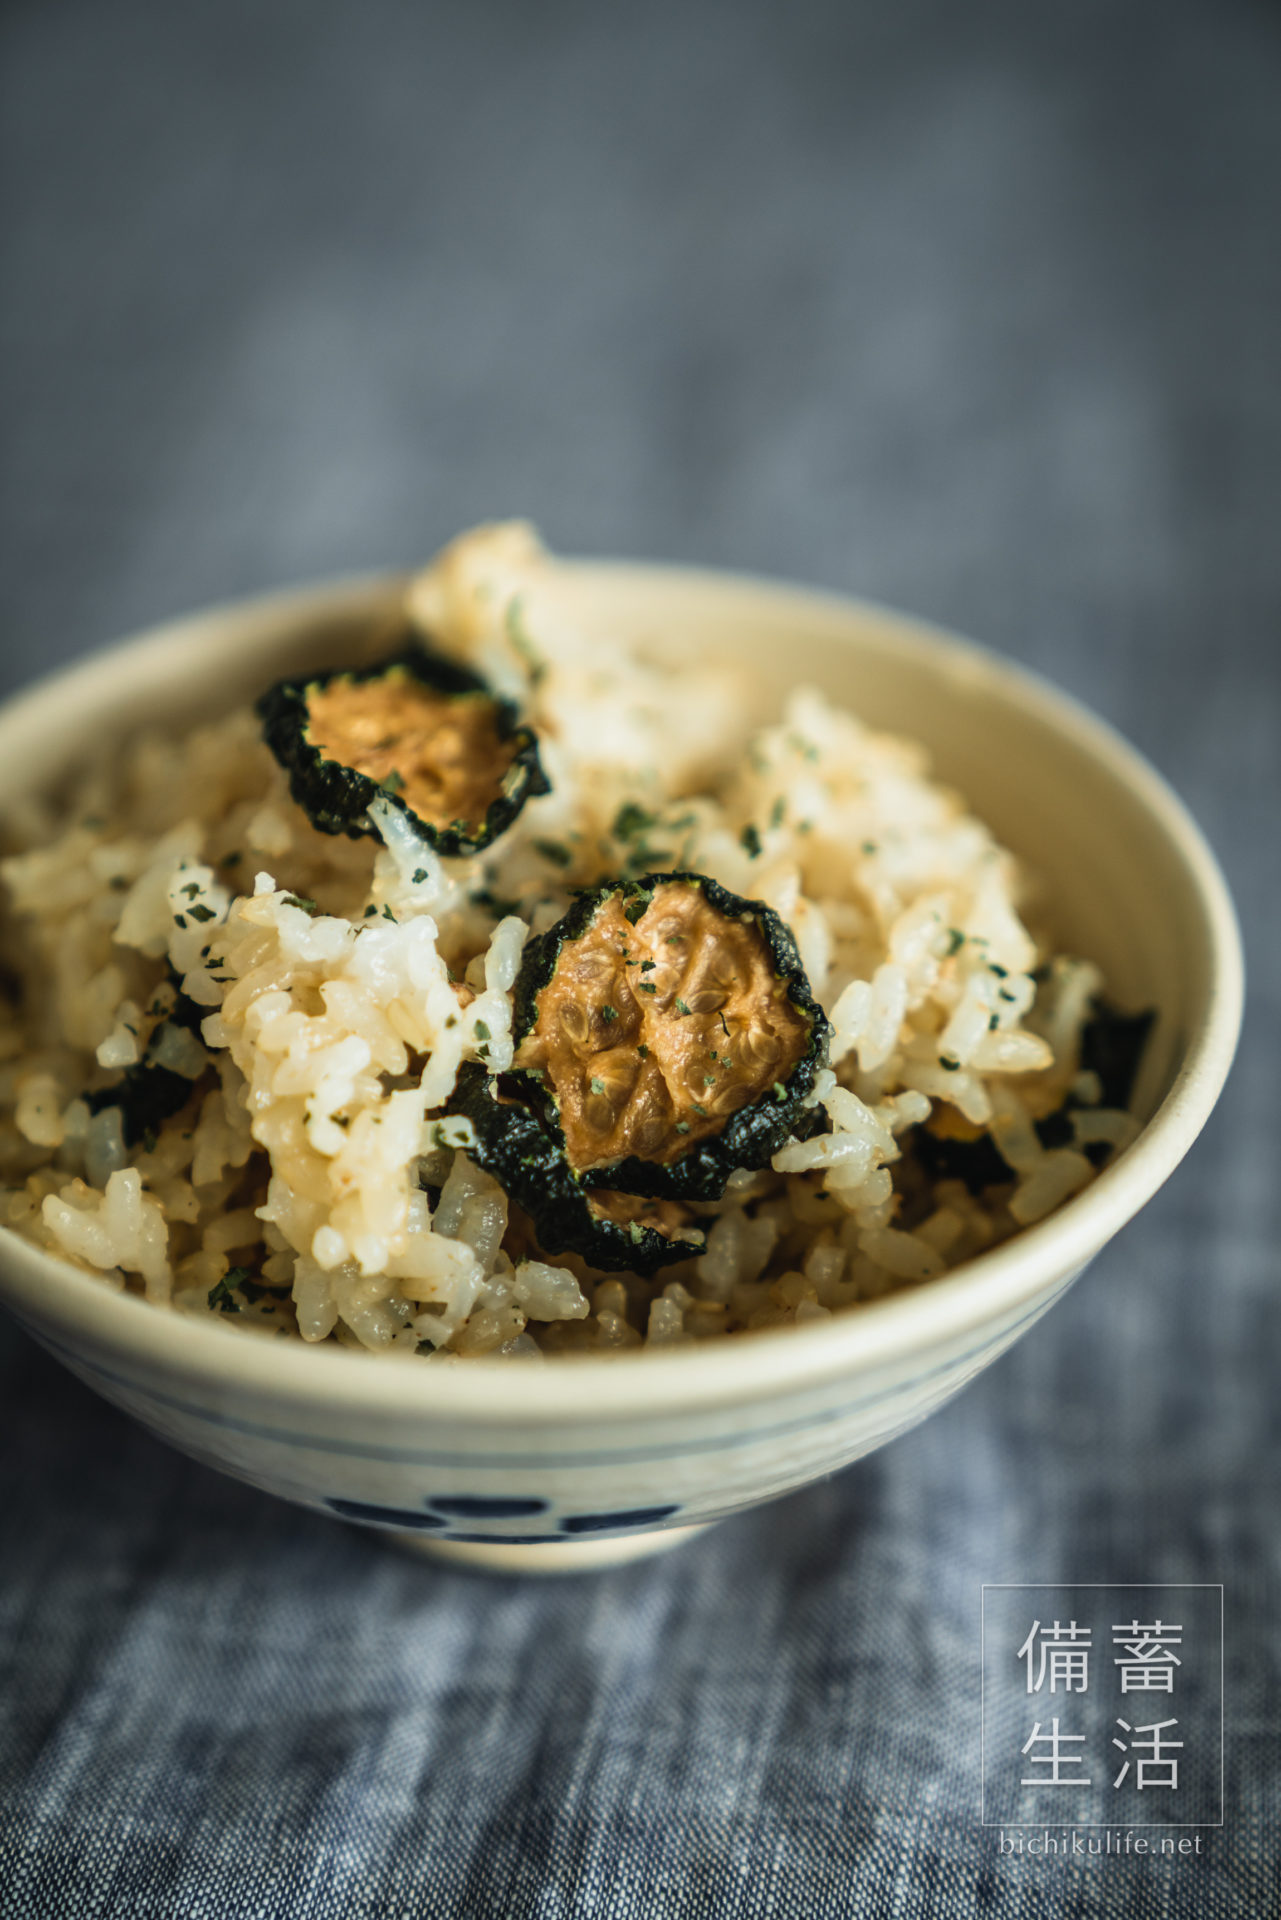 干しズッキーニのレシピ、干しズッキーニの胡麻みそ混ぜご飯、干し野菜づくり ズッキーニ